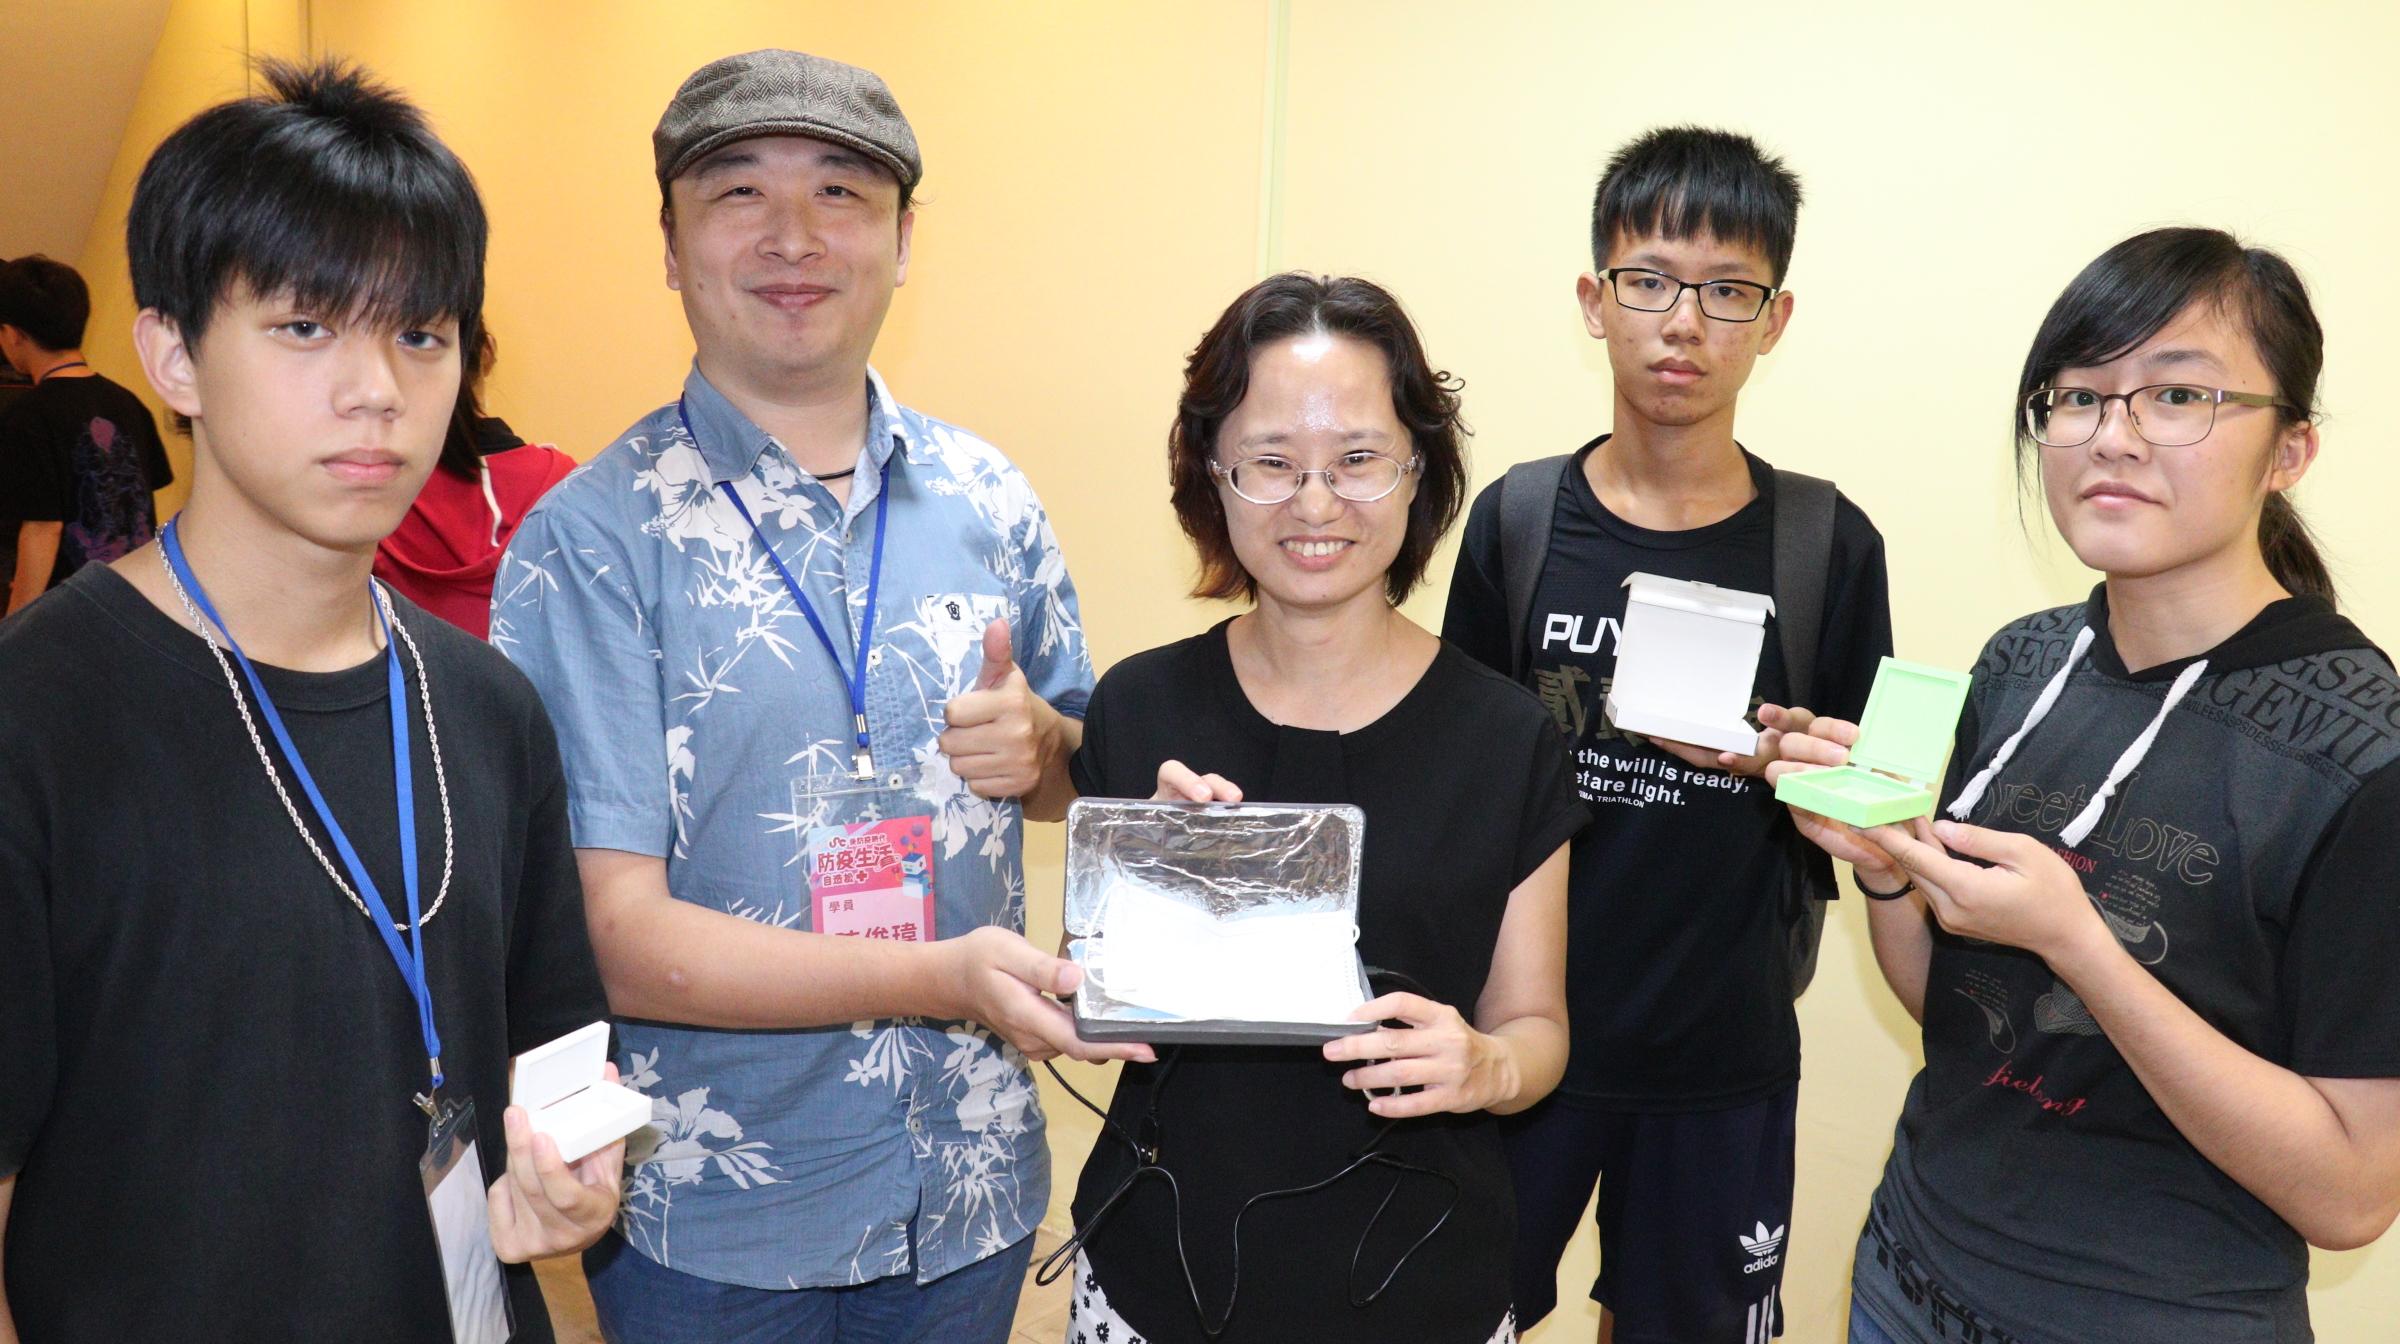 ▲創客陳俊瑋(左2)、林芯維(右1)與孔祥宇(右1)、何彥慶(左2)製作迷你殺菌盒,副分署長許慧香(中)肯定